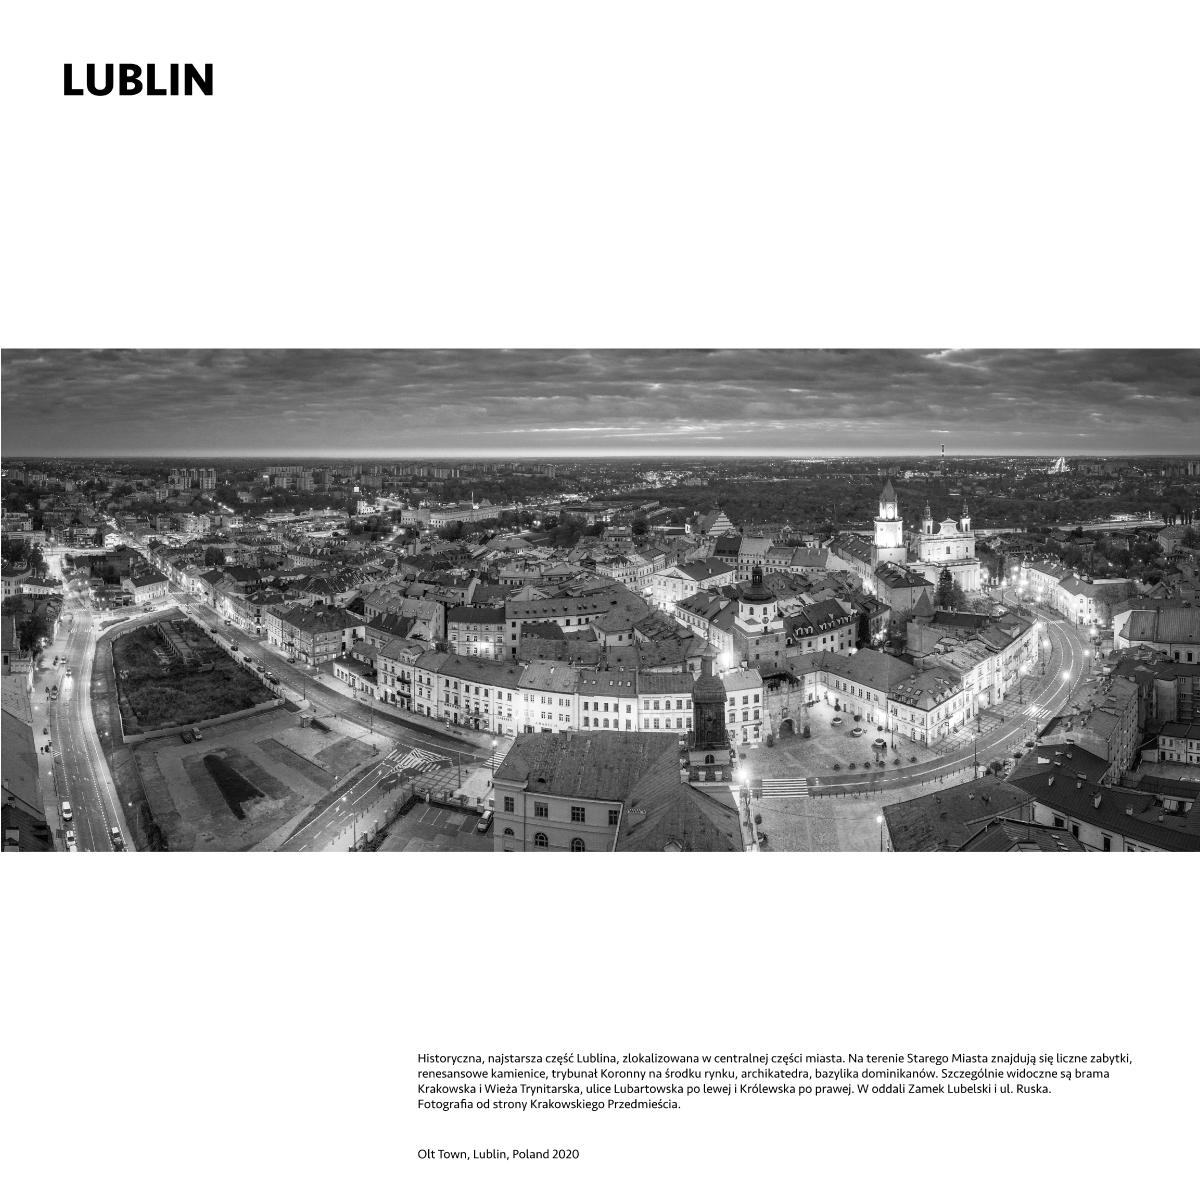 Z lotu Skowronka Marek Skowronek | Lublin